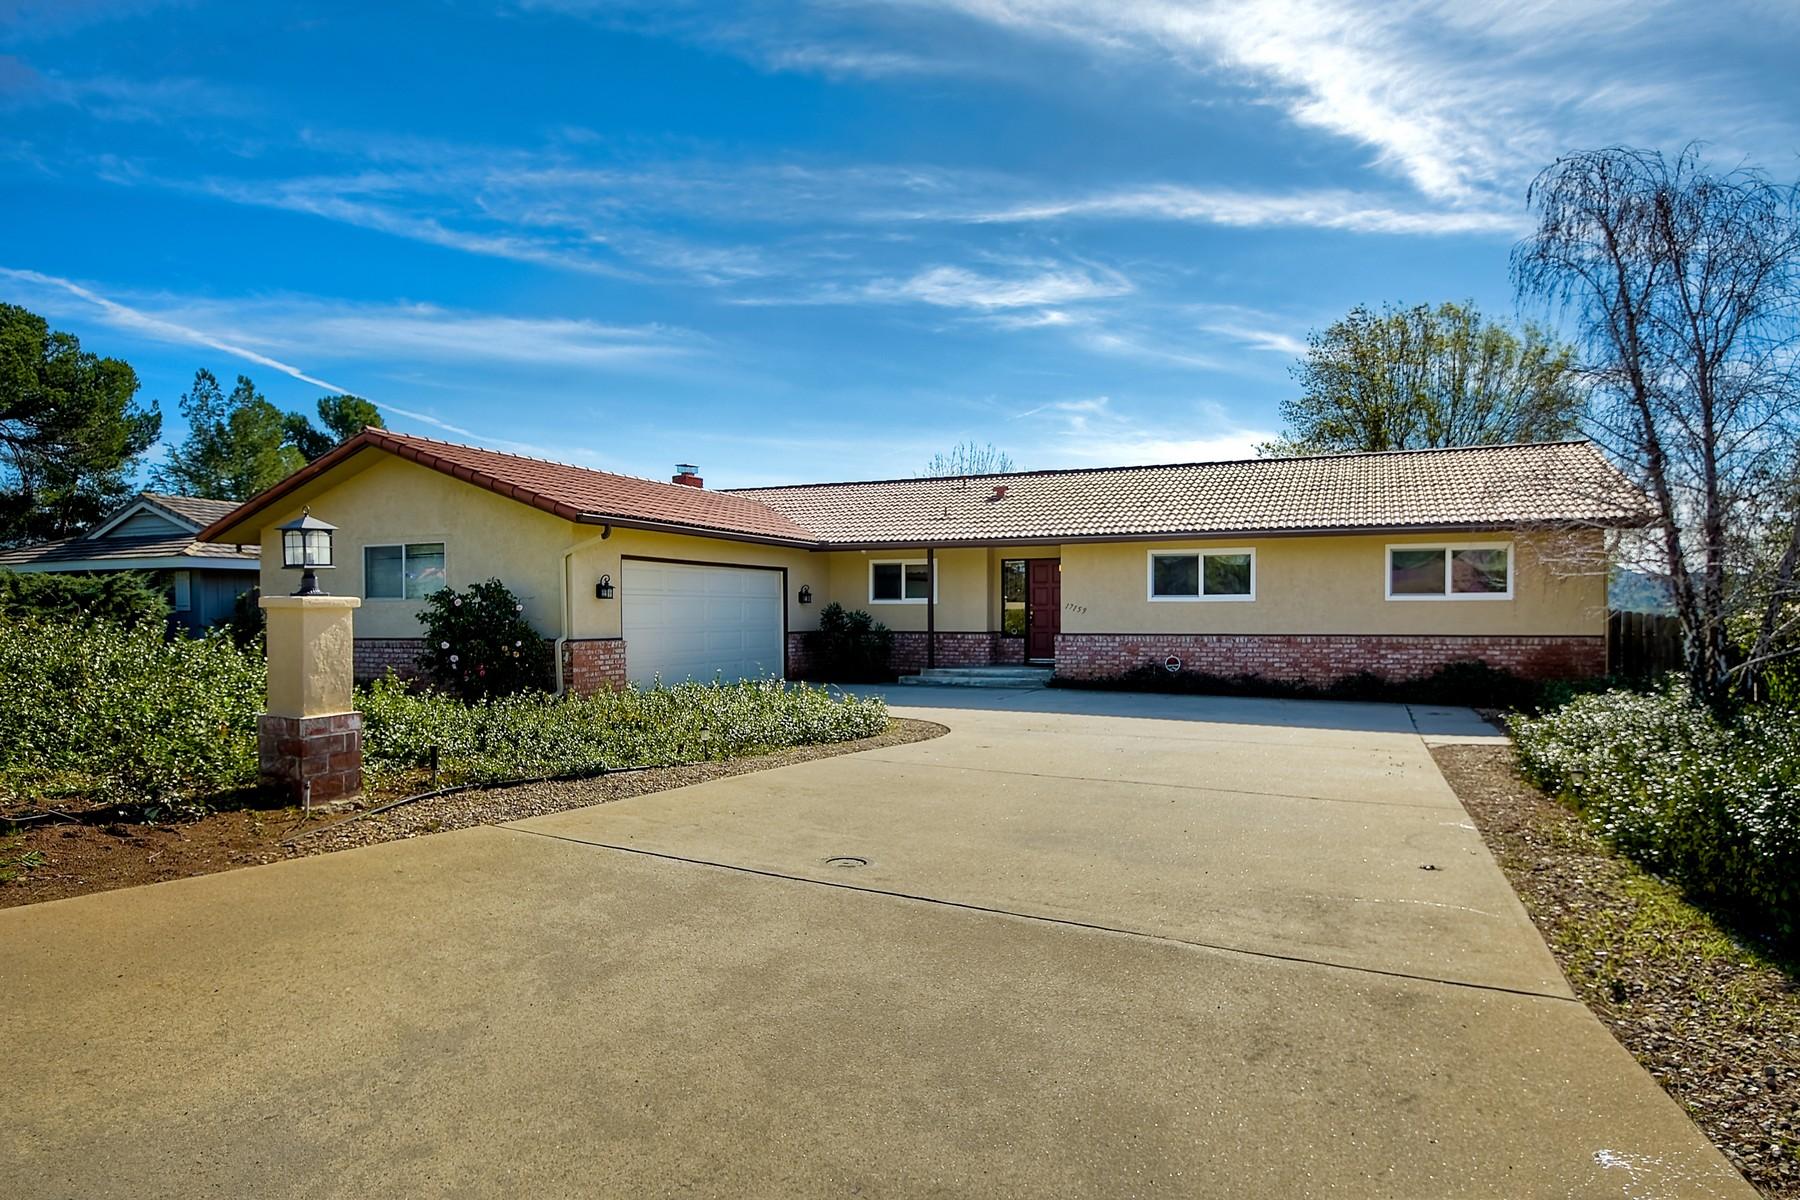 Casa Unifamiliar por un Venta en 17159 Cloudcroft Drive Poway, California, 92064 Estados Unidos